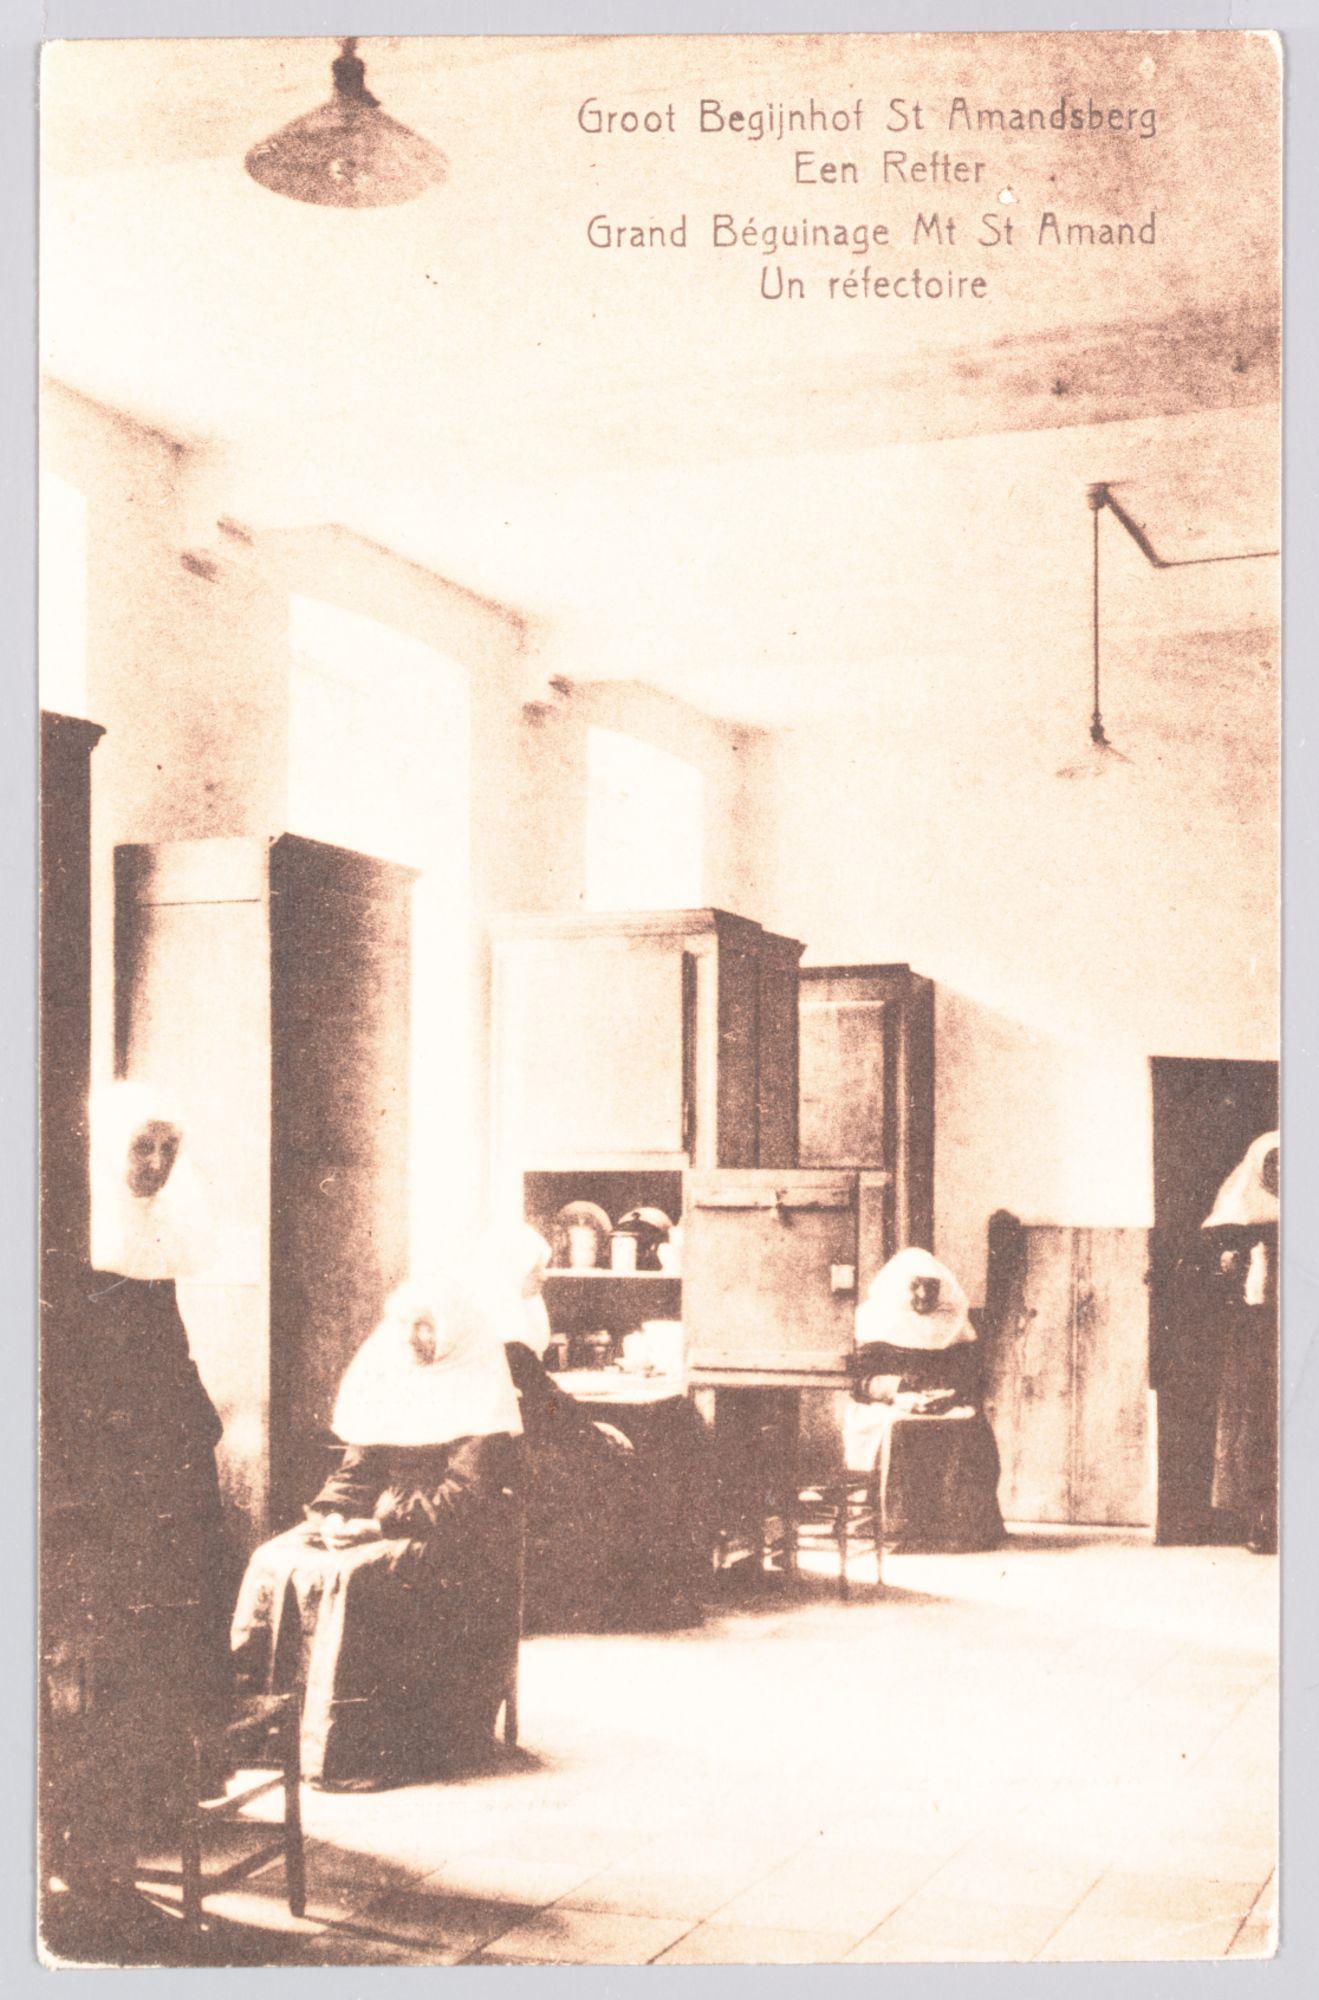 Sint-Amandsberg: Groot Begijnhof: refter (eetzaal) in een convent